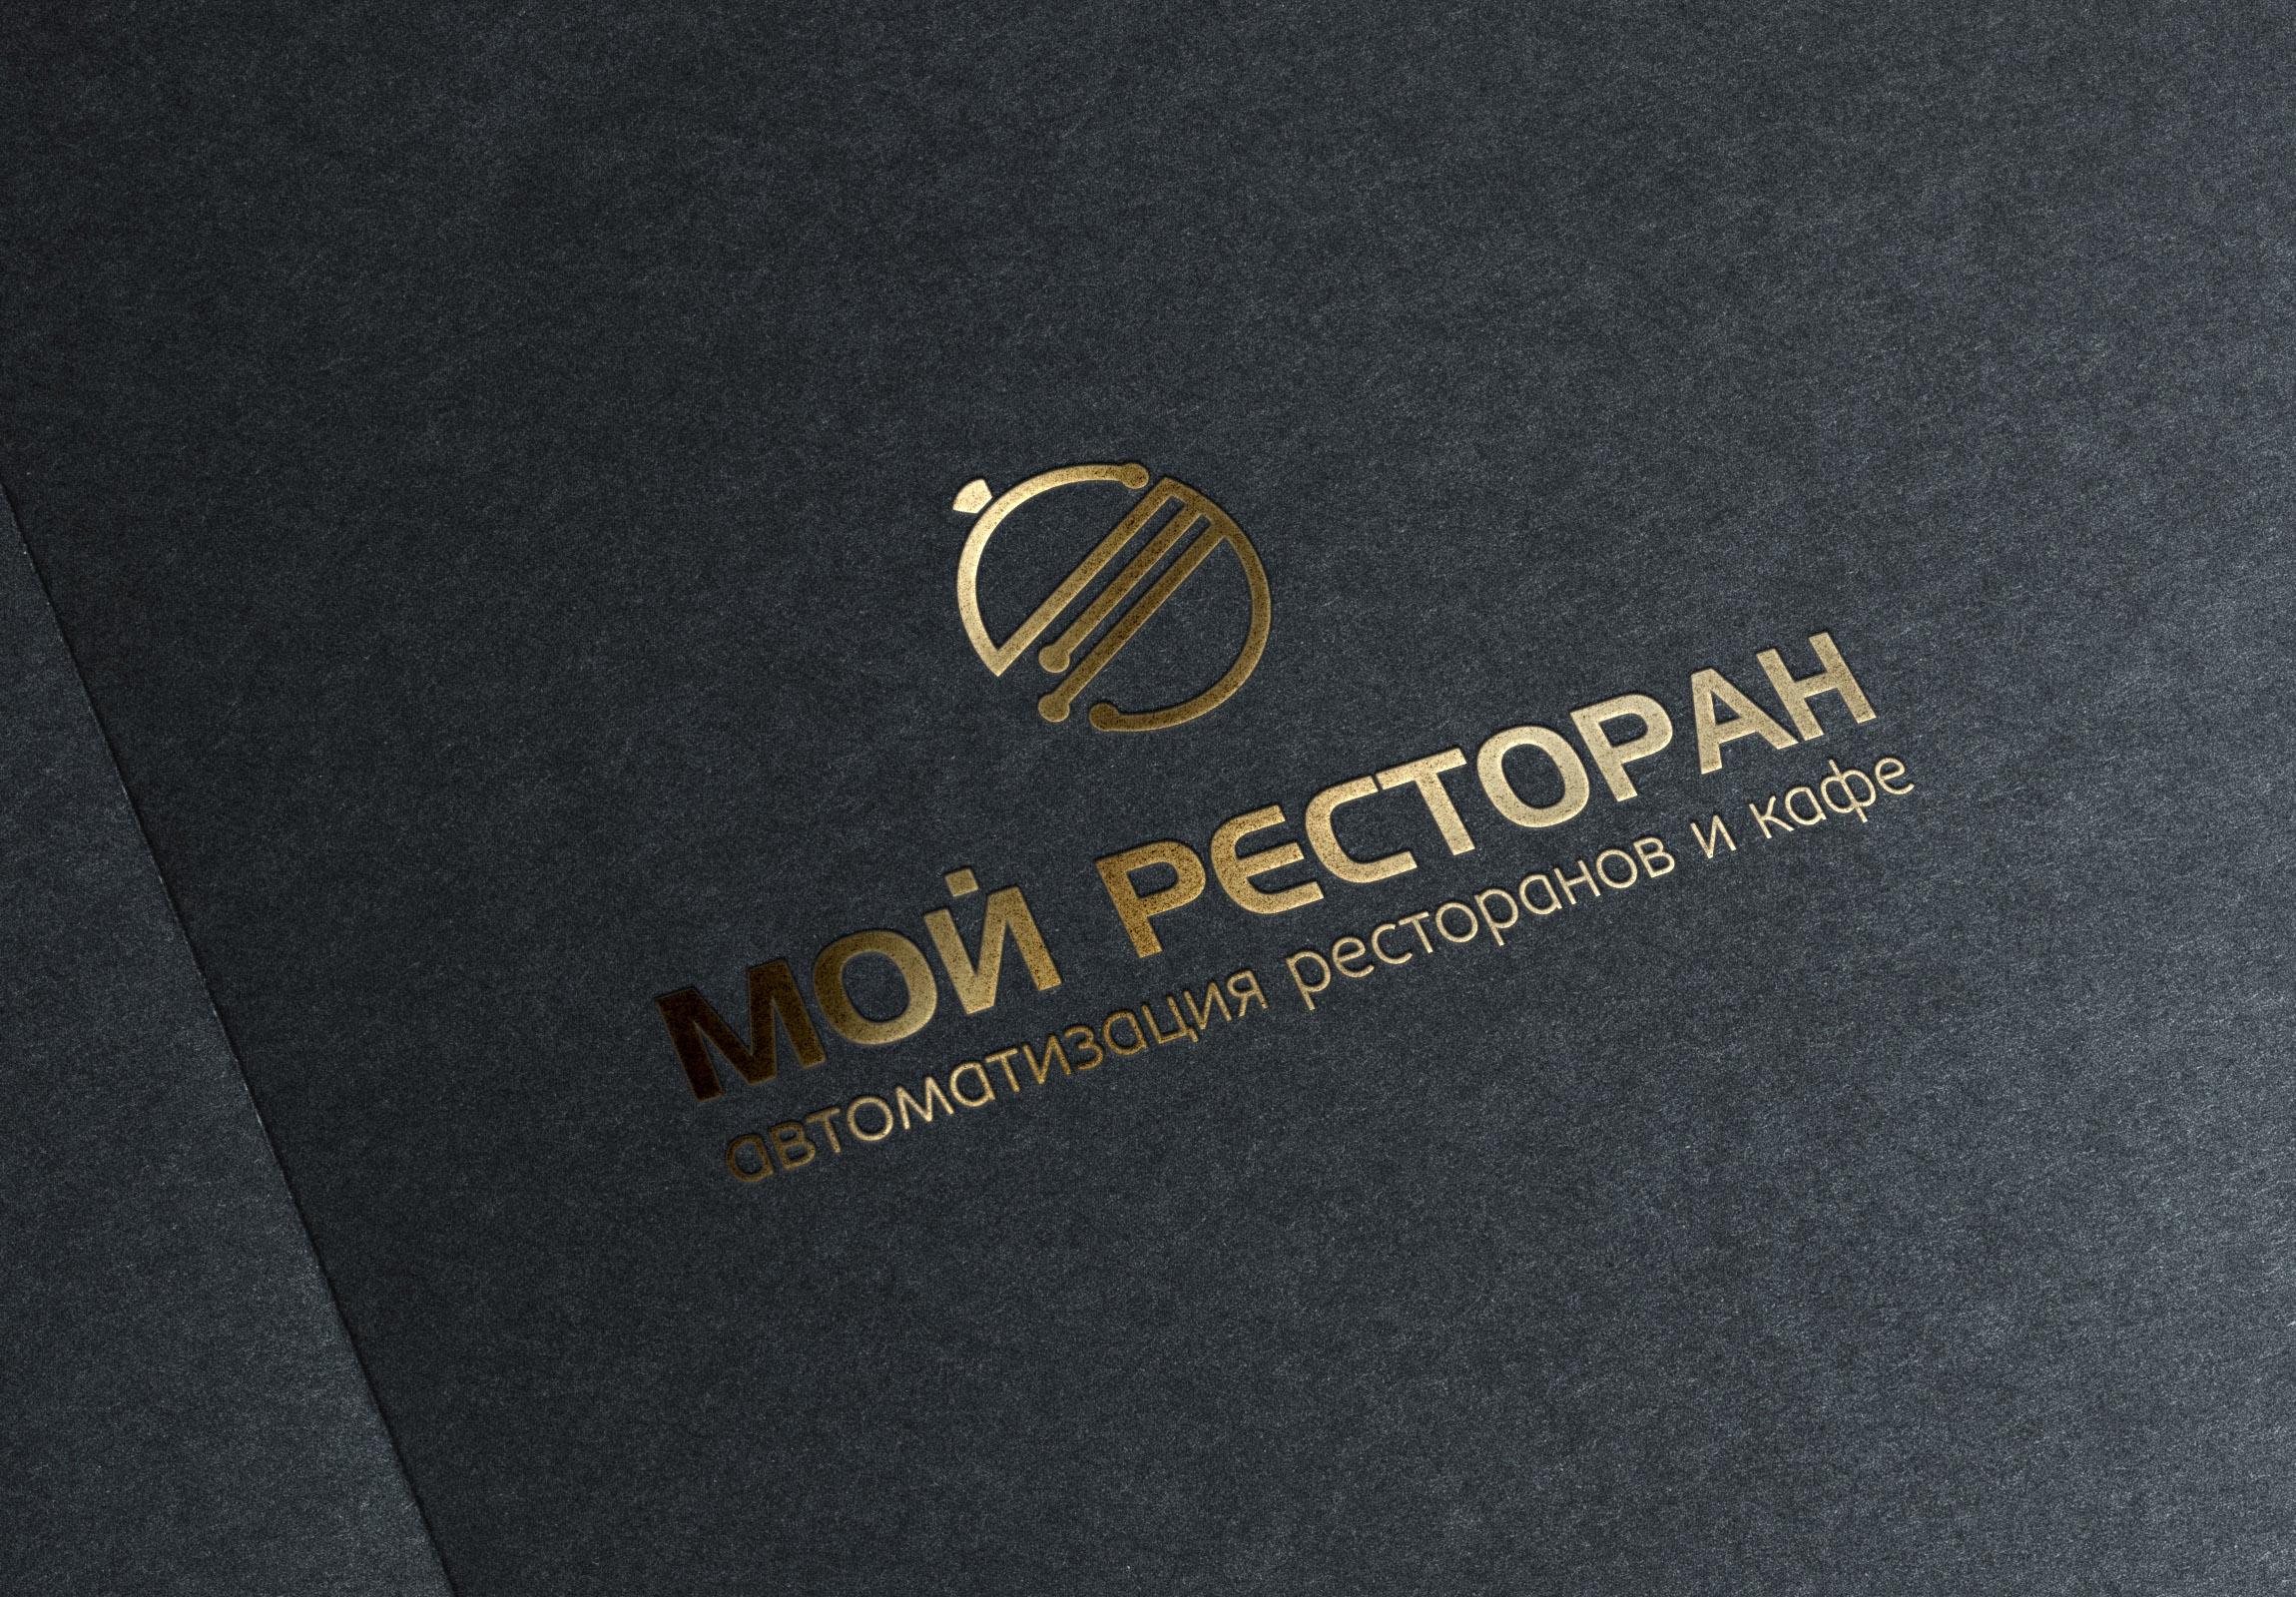 Разработать логотип и фавикон для IT- компании фото f_3425d529af4463ba.jpg